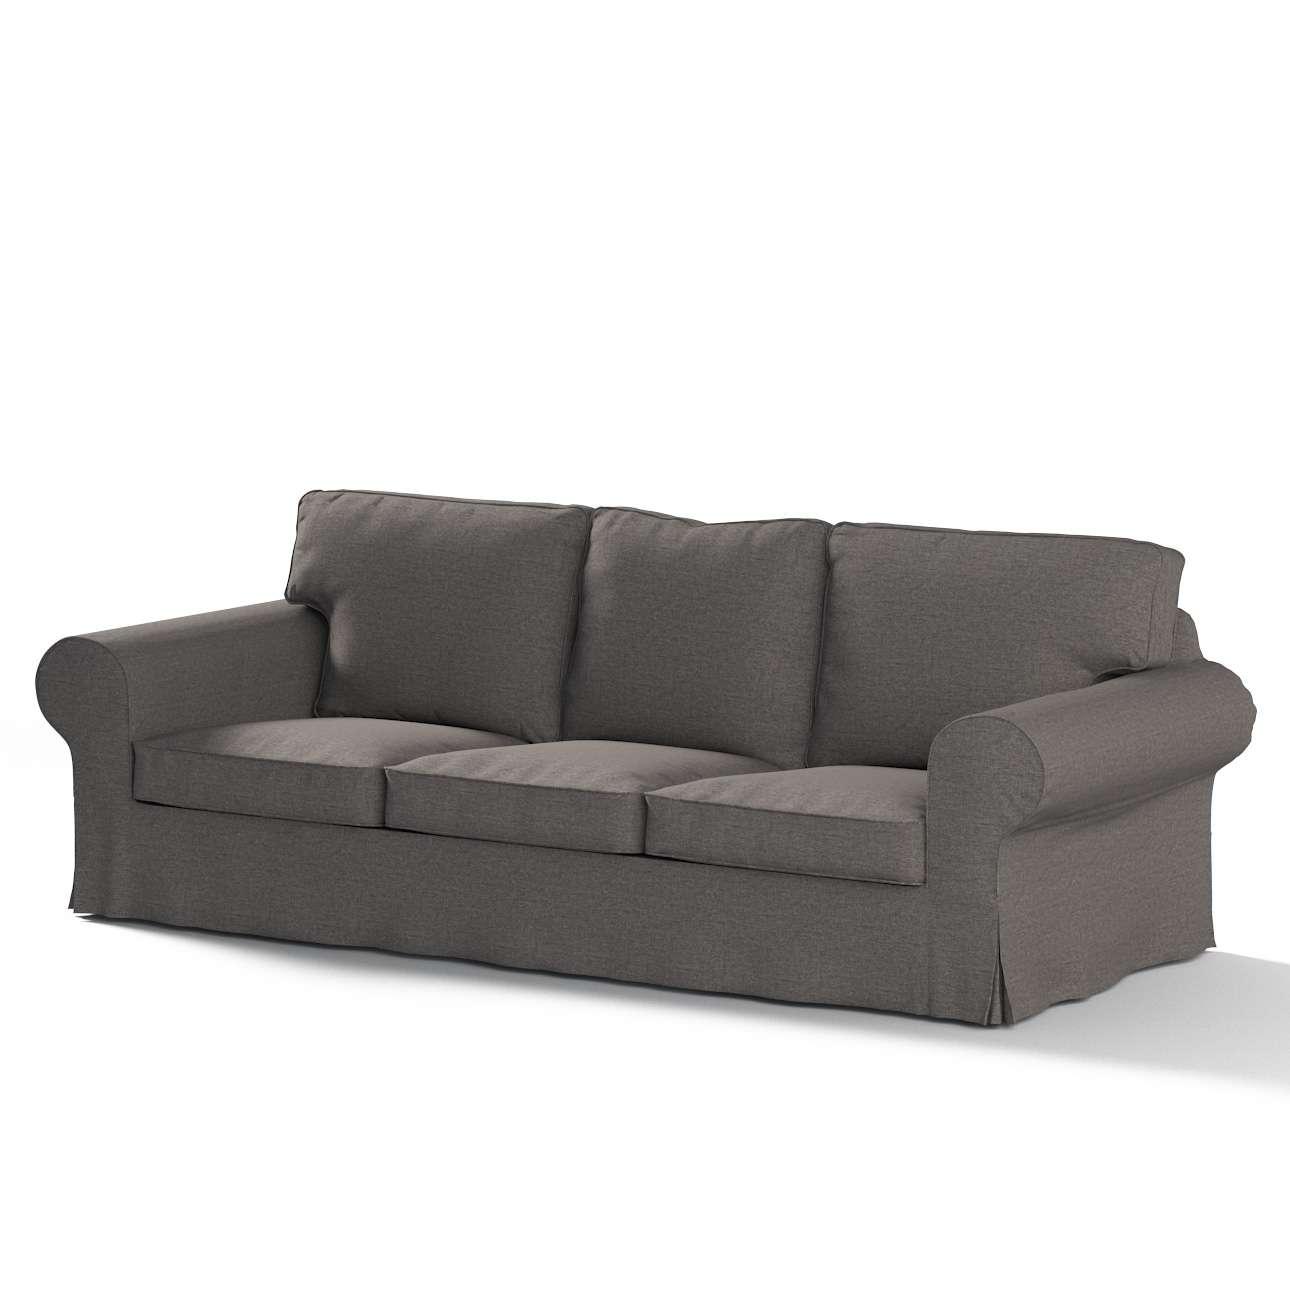 Ektorp 3-Sitzer Sofabezug nicht ausklappbar Sofabezug für  Ektorp 3-Sitzer nicht ausklappbar von der Kollektion Edinburgh , Stoff: 115-77